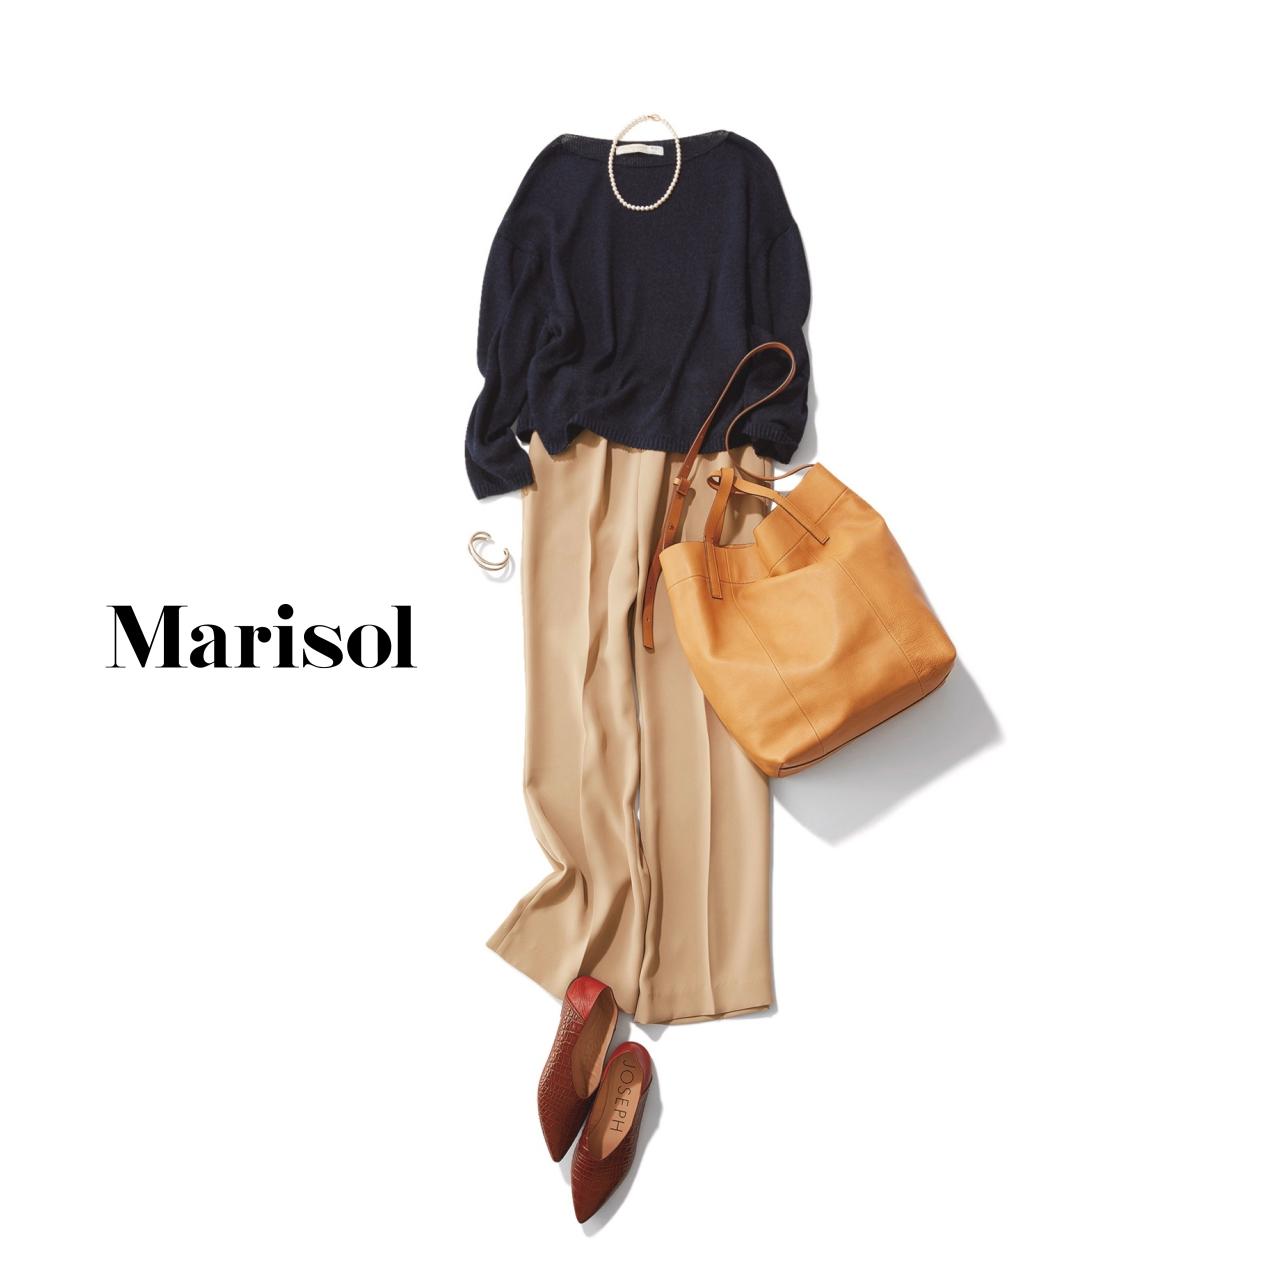 40代ファッション 黒ニット×ベージュワイドパンツコーデ